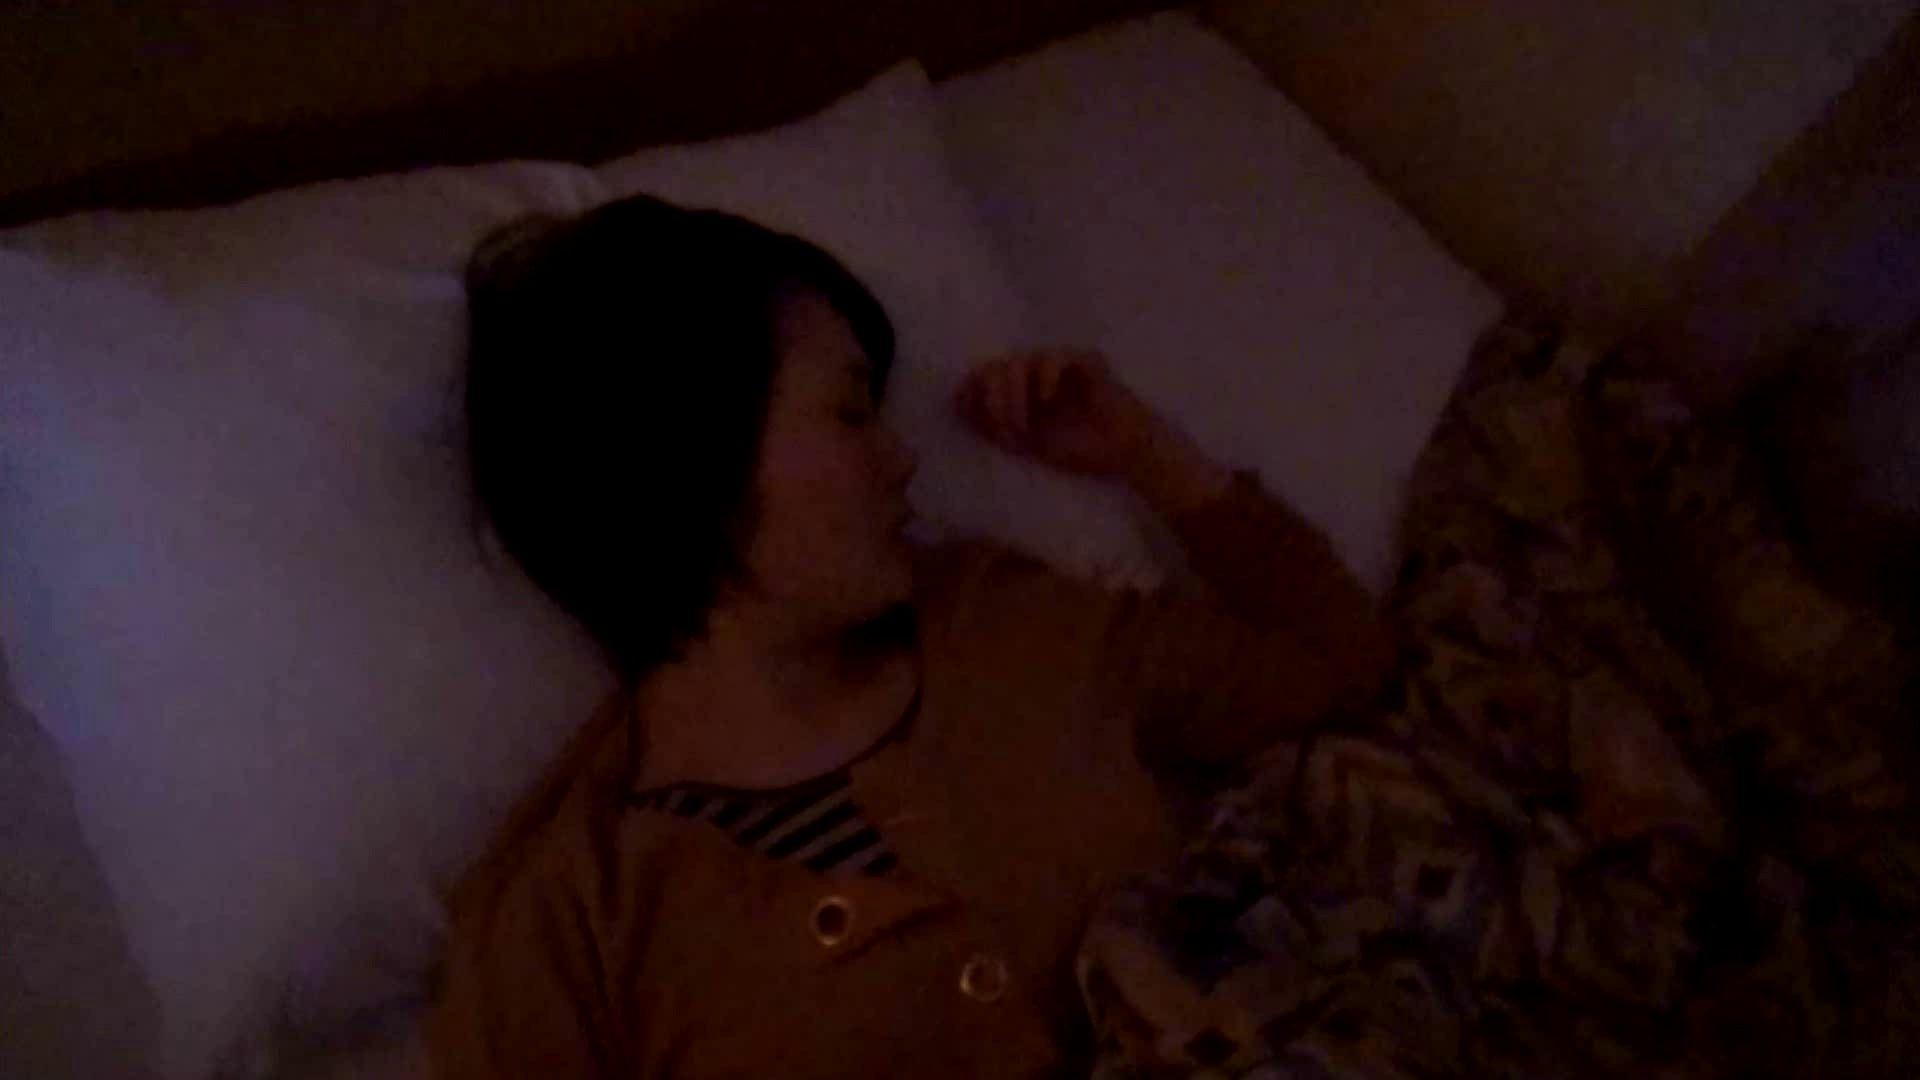 vol.31 【KTちゃん】現役JD居酒屋アルバイト 3回目? OLのボディ のぞき動画画像 72PIX 2